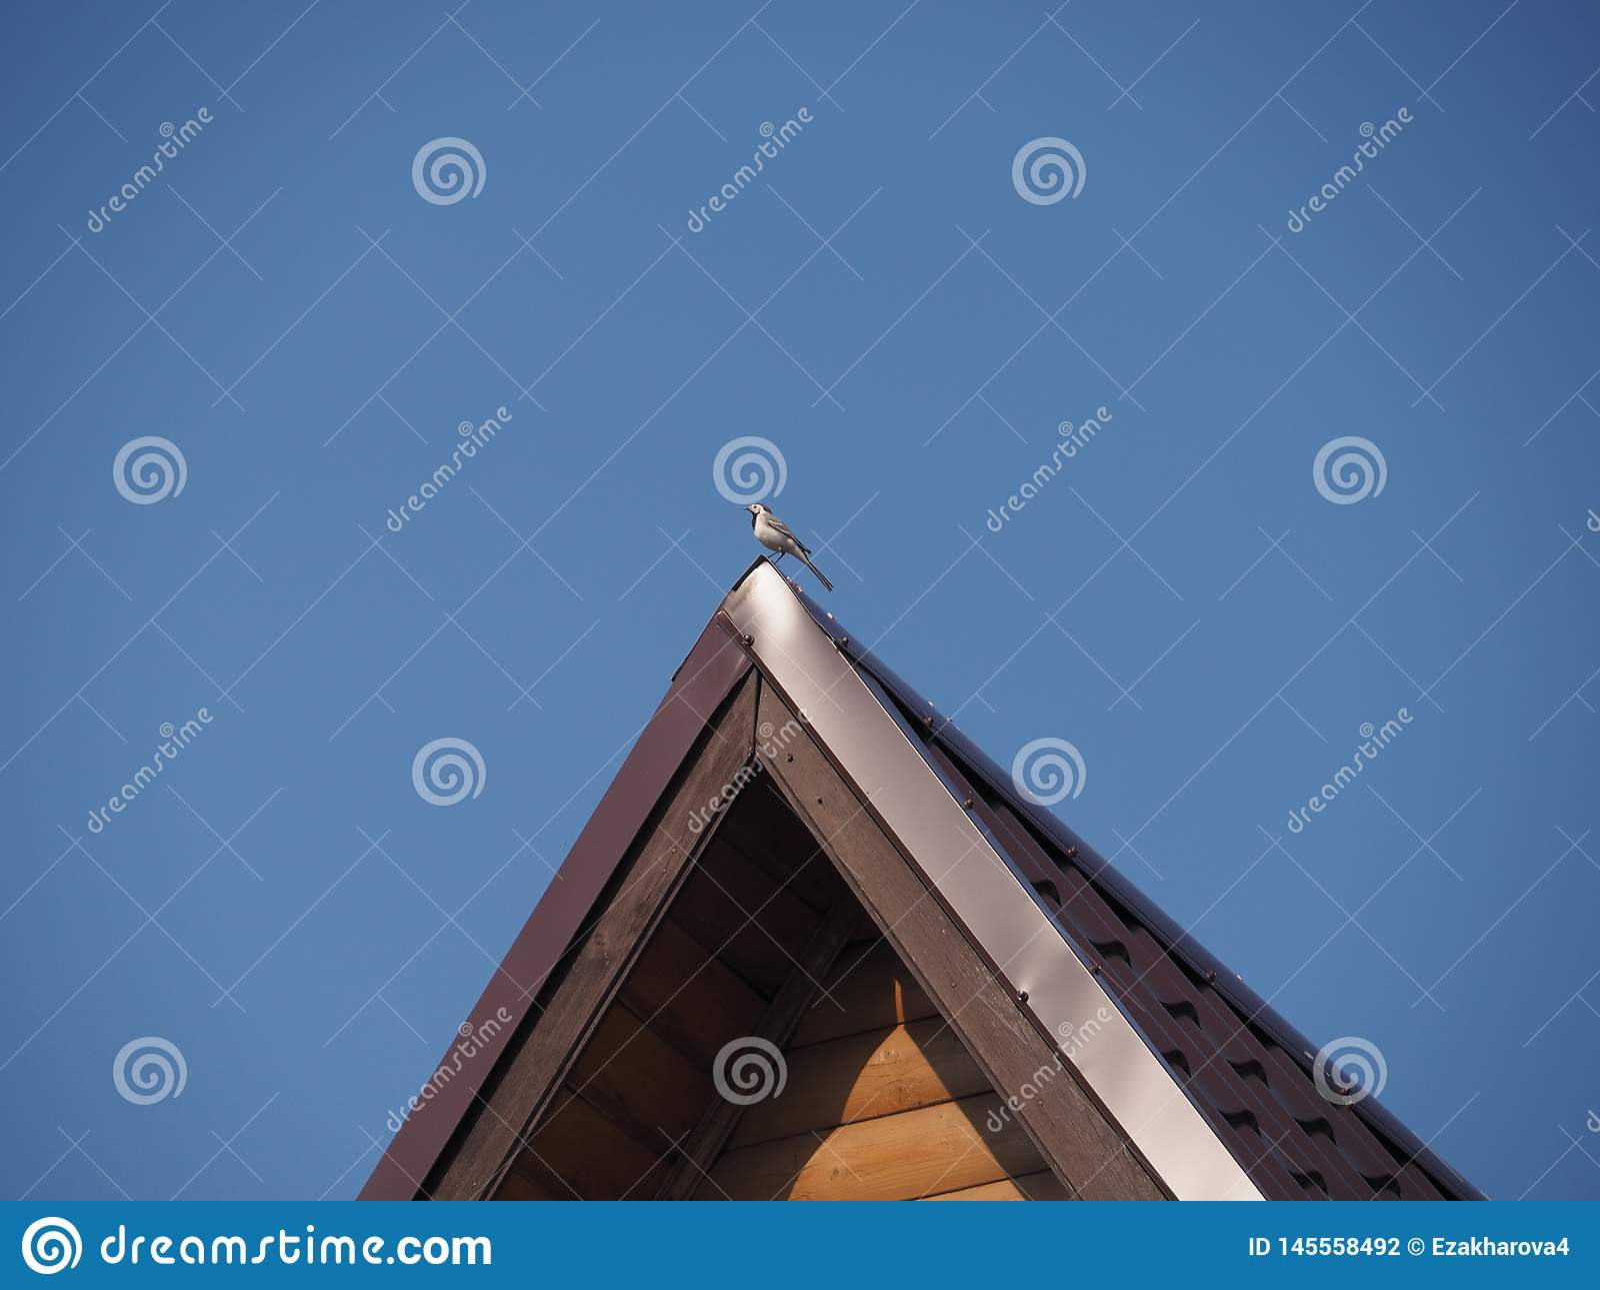 Vogelkwikstaart op de rand van het dak van het huis in de blauwe hemel